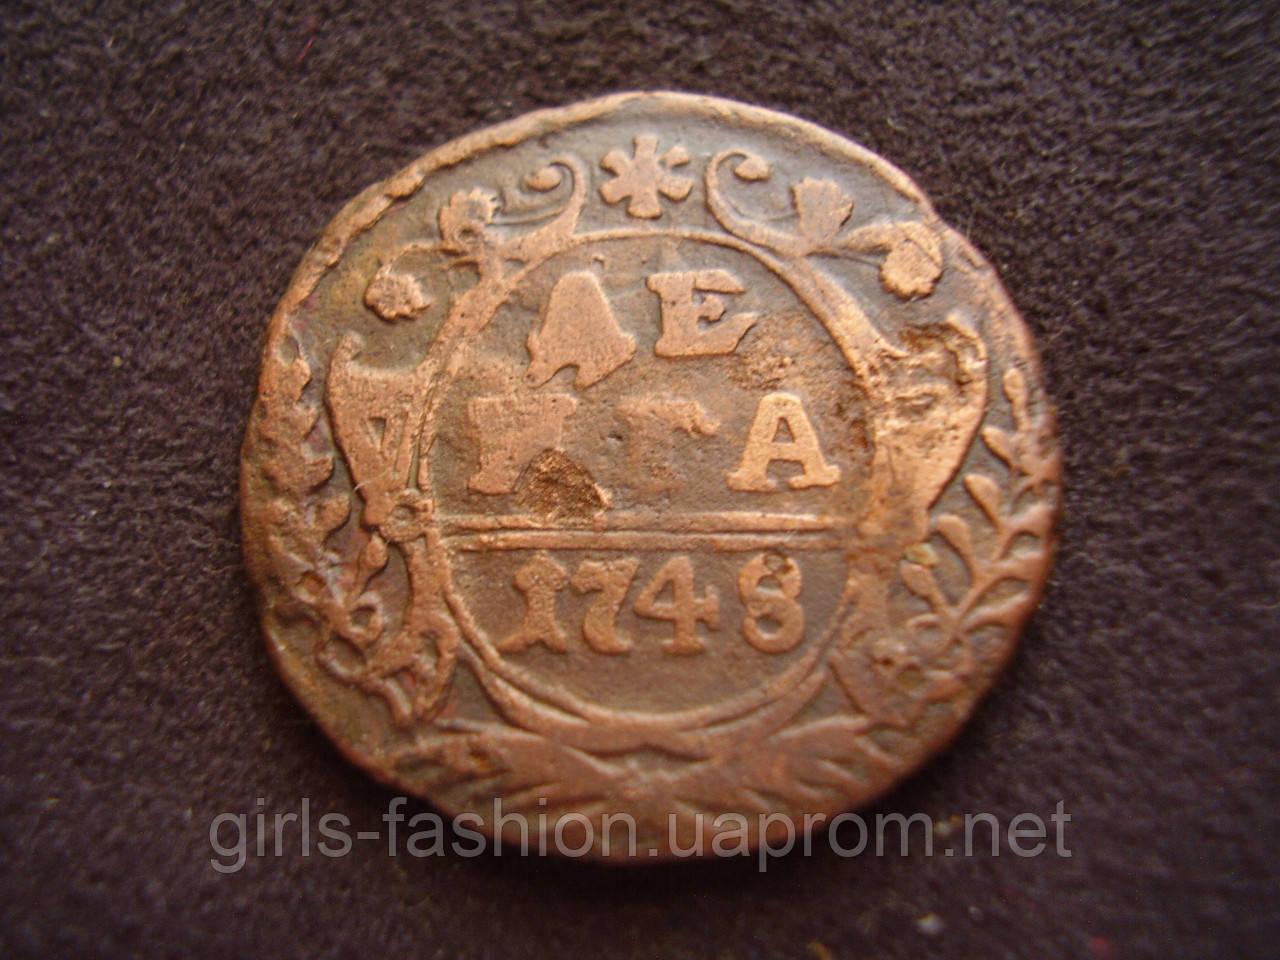 """Деньга(Денга) 1748 года - Интернет-магазин """"Style-bag"""" в"""